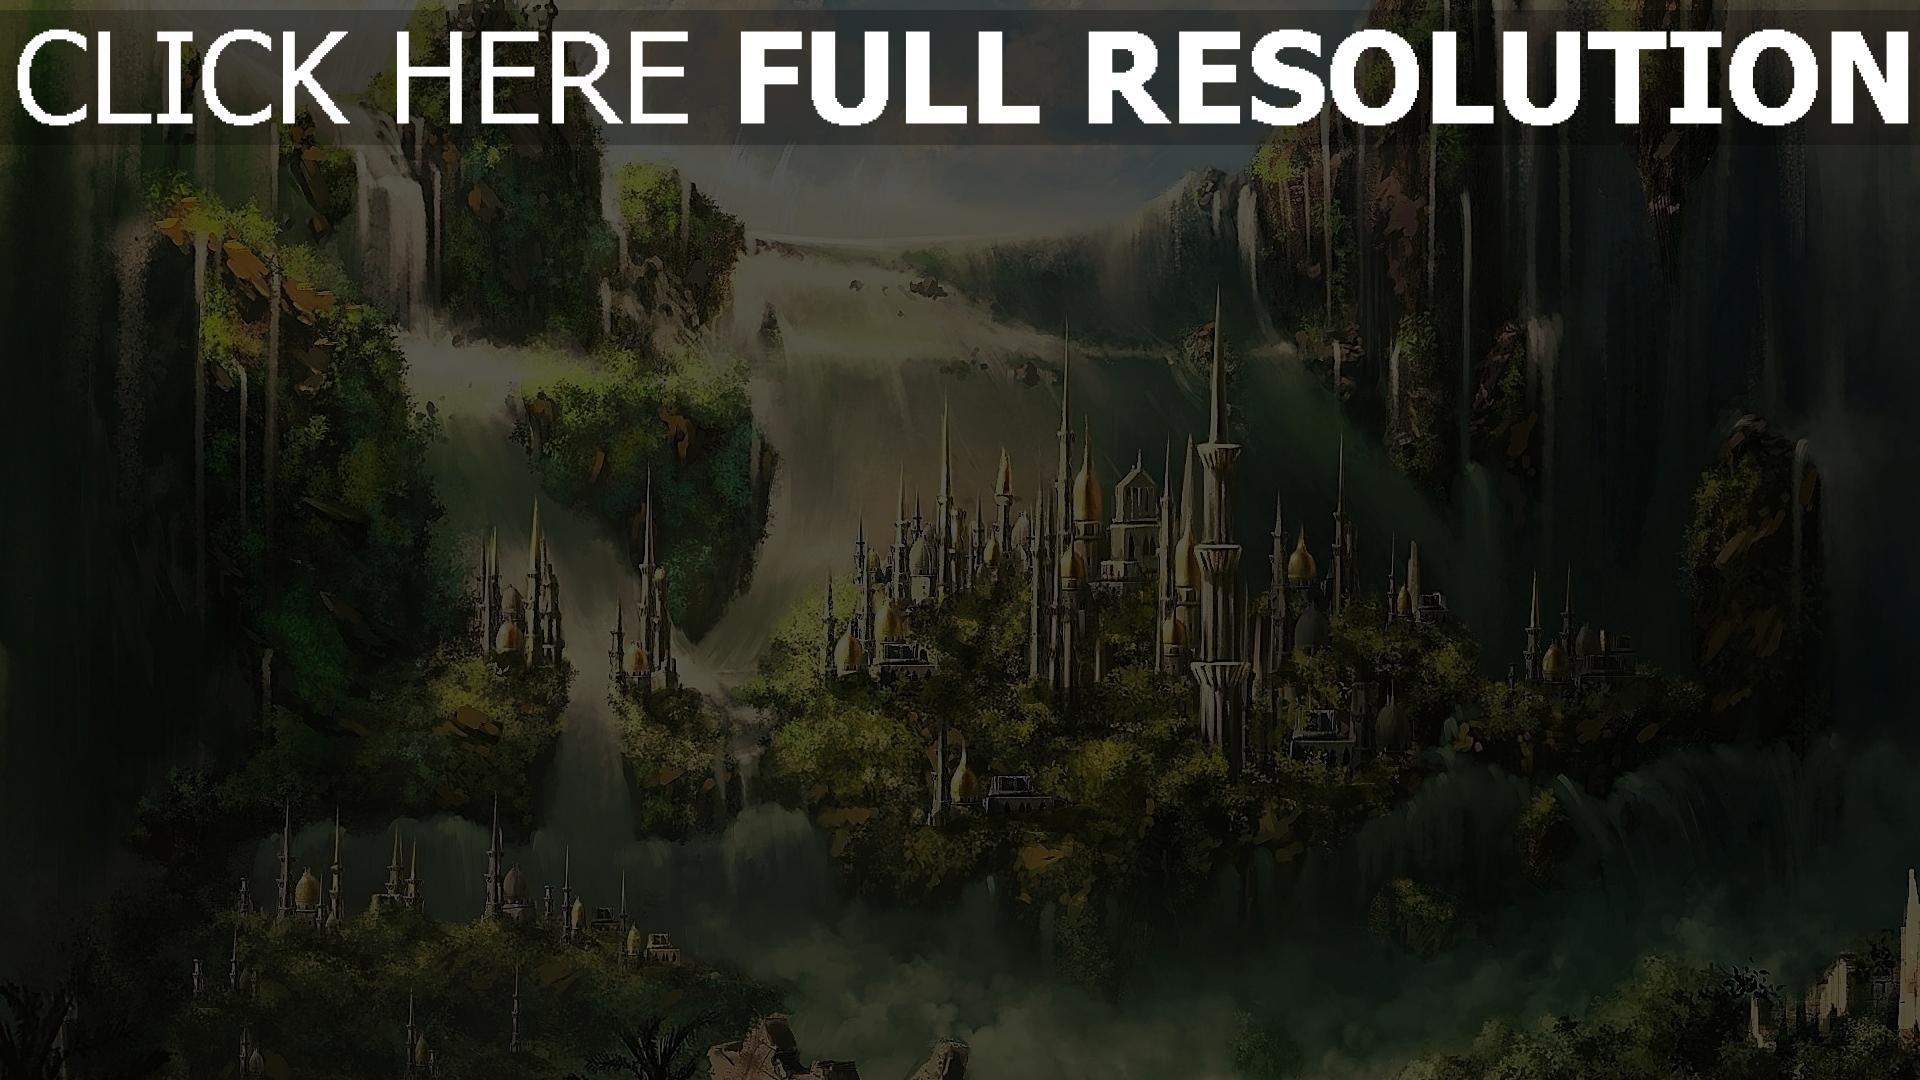 hd hintergrundbilder wolken gebäude wasserfälle grün stadt 1920x1080